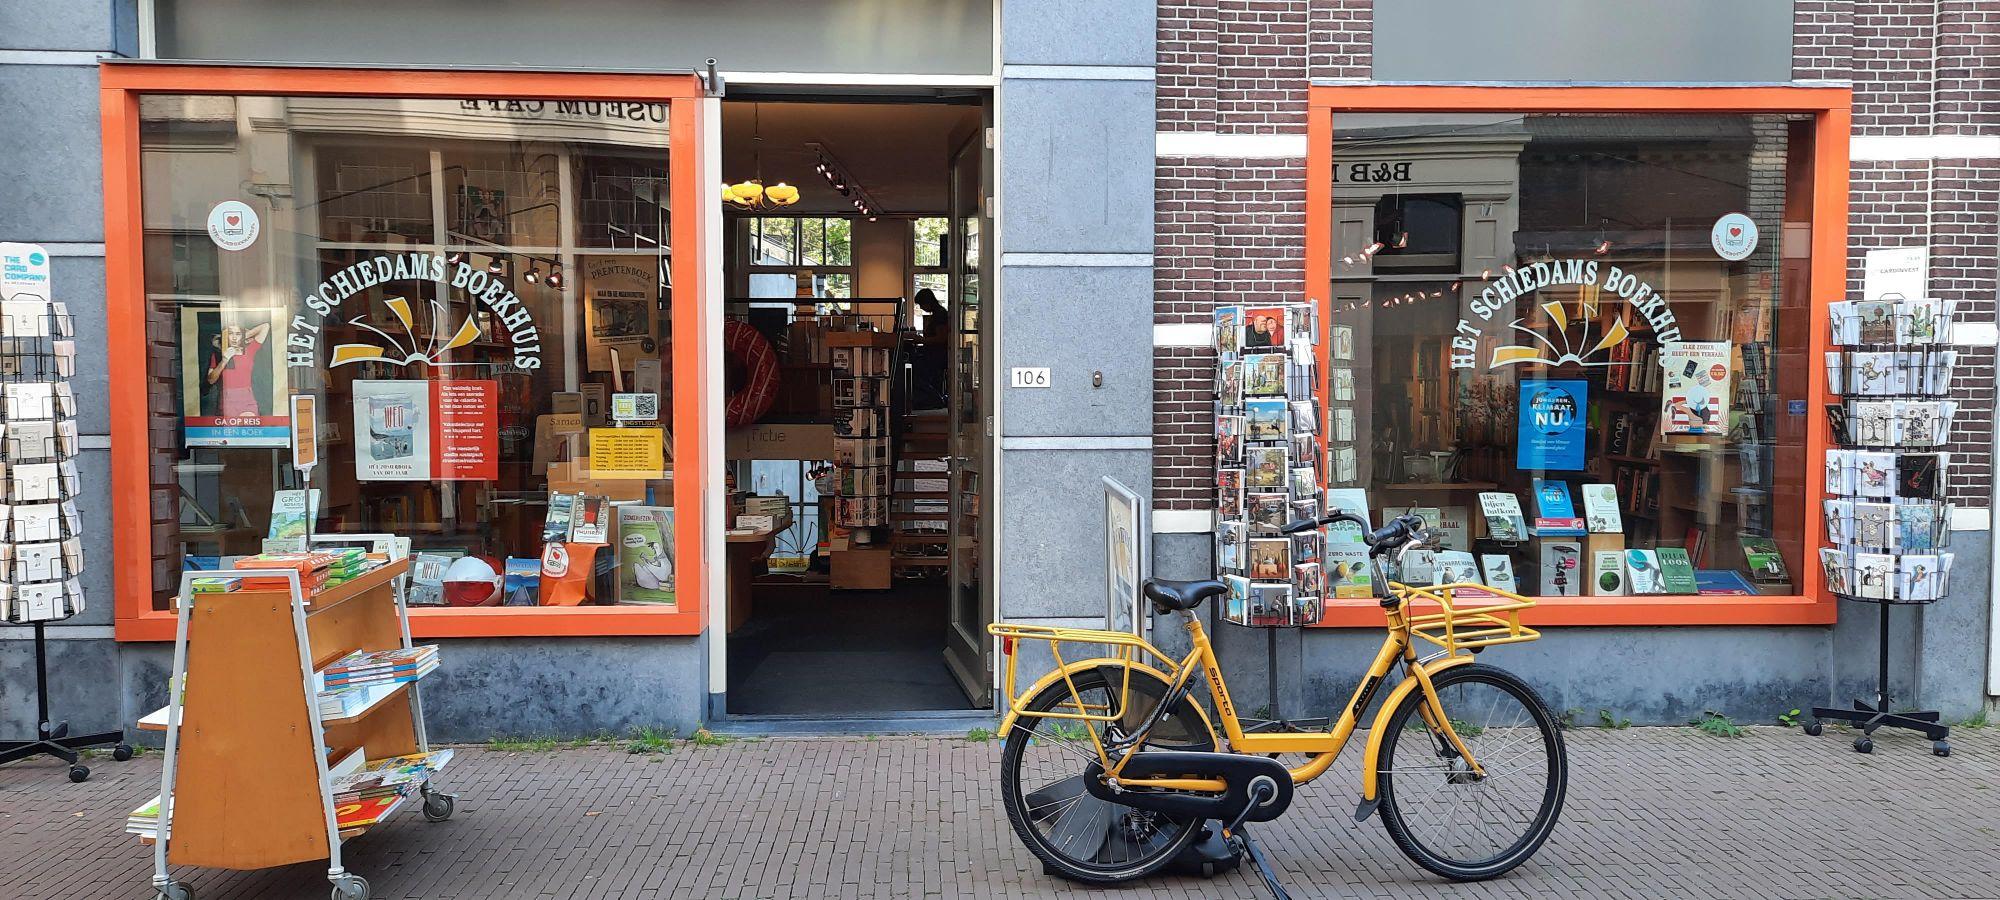 Marceline de Waard bij het Schiedams Boekhuis